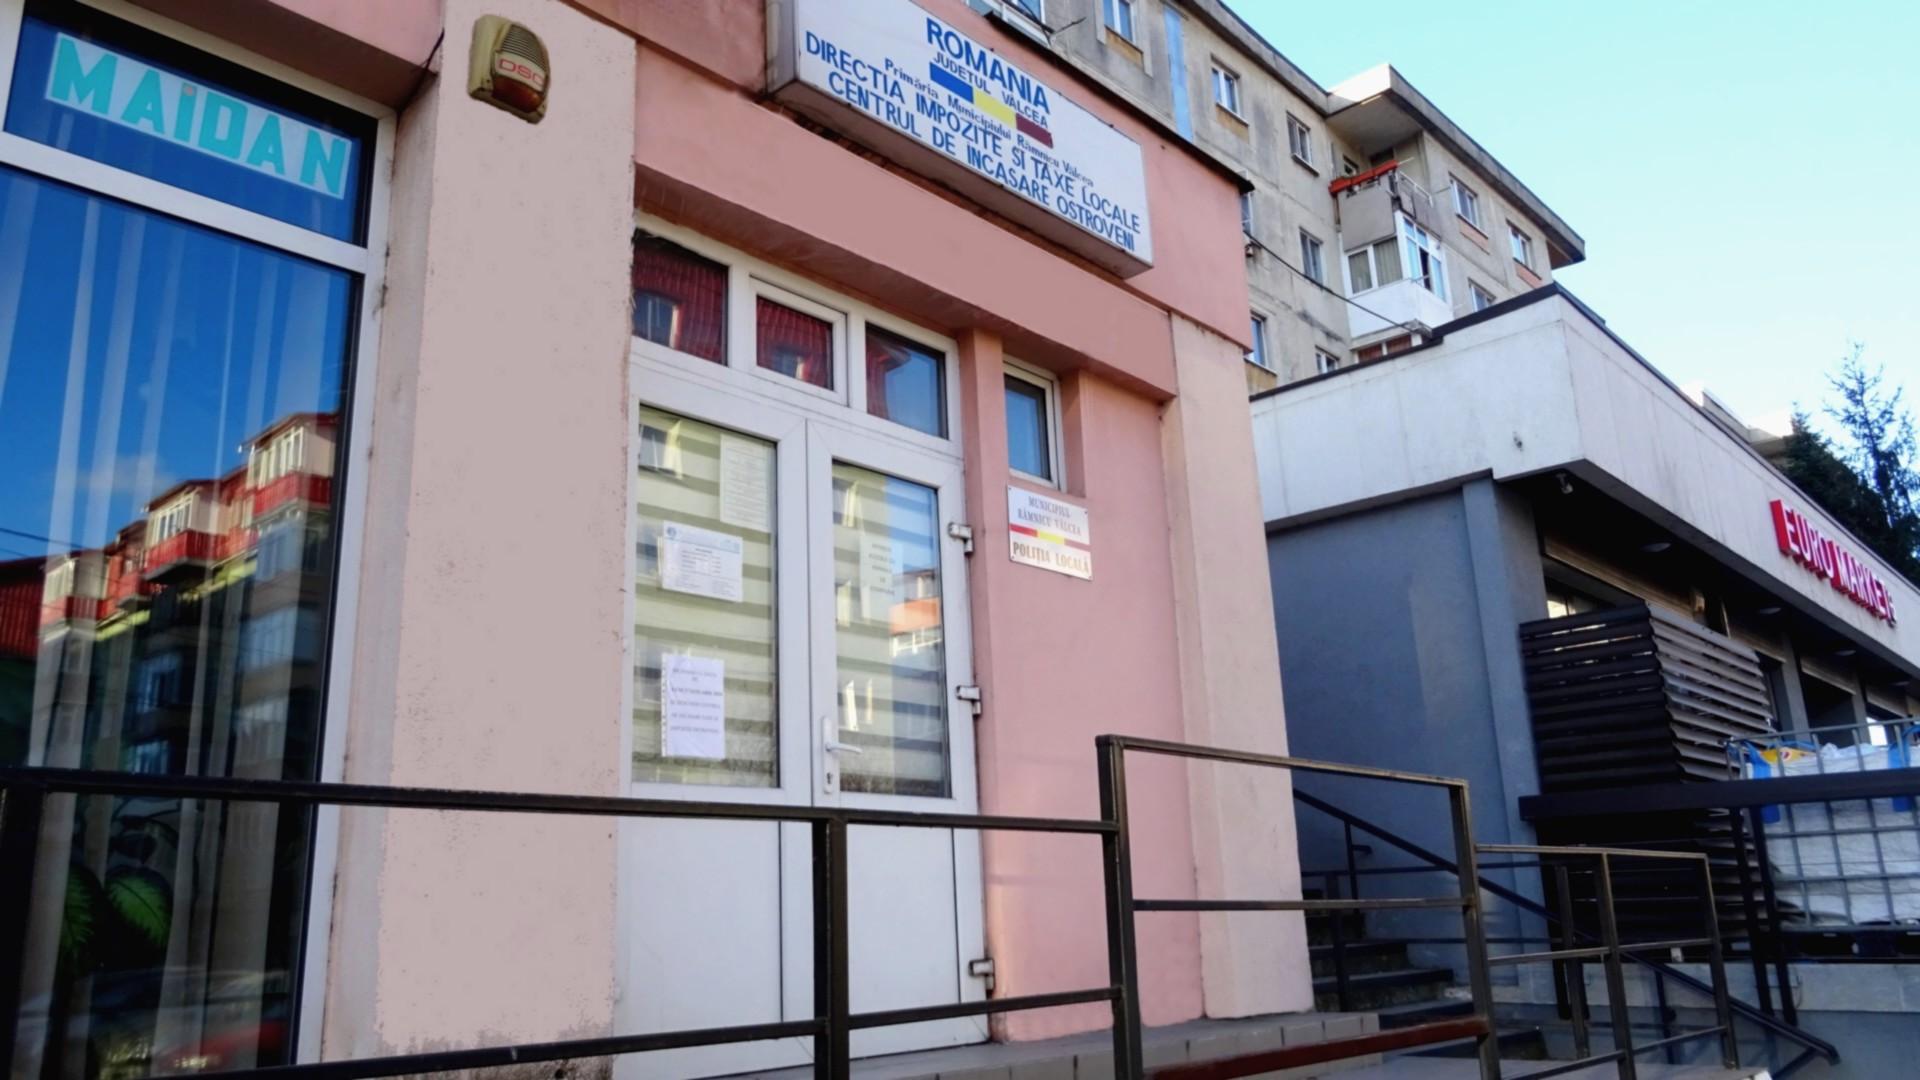 Locuitorii din Ostroveni îşi vor putea plăti impozitele la casieria din str. I.C. Brătianu